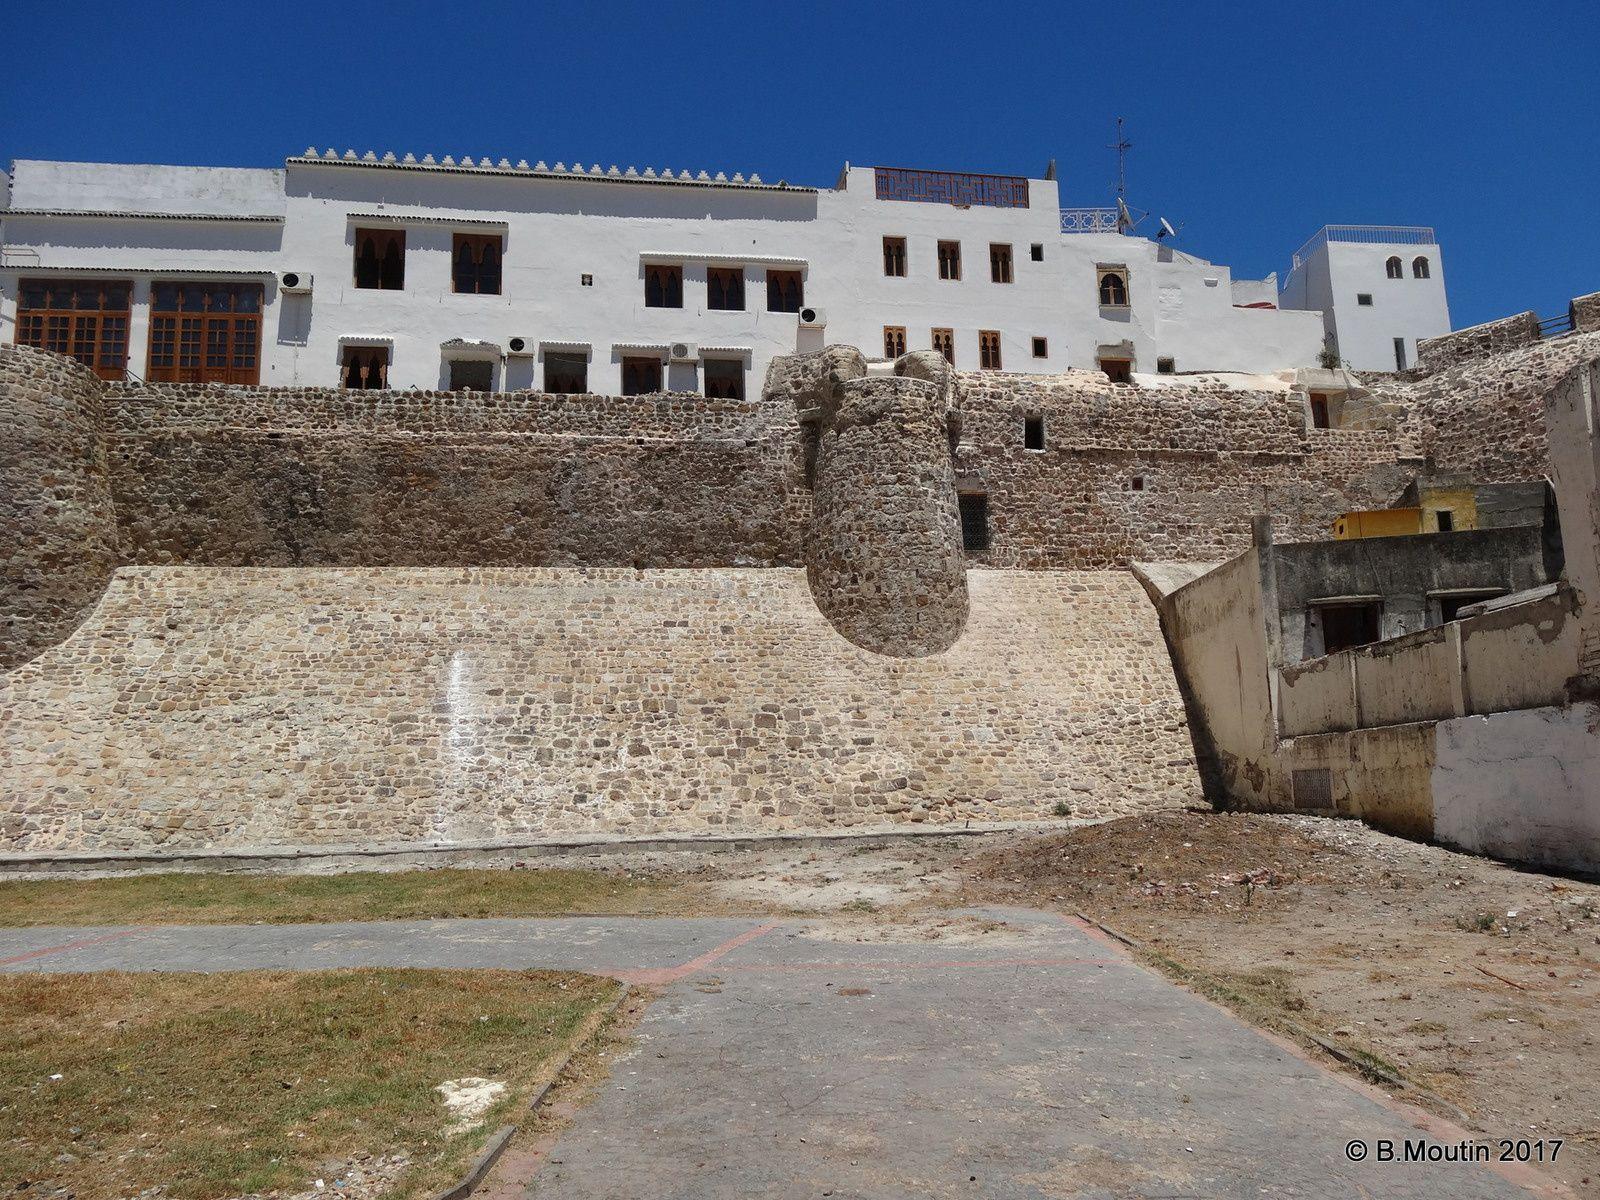 La muraille rénovée de la Médina de Tanger à côté du Marché aux poissons